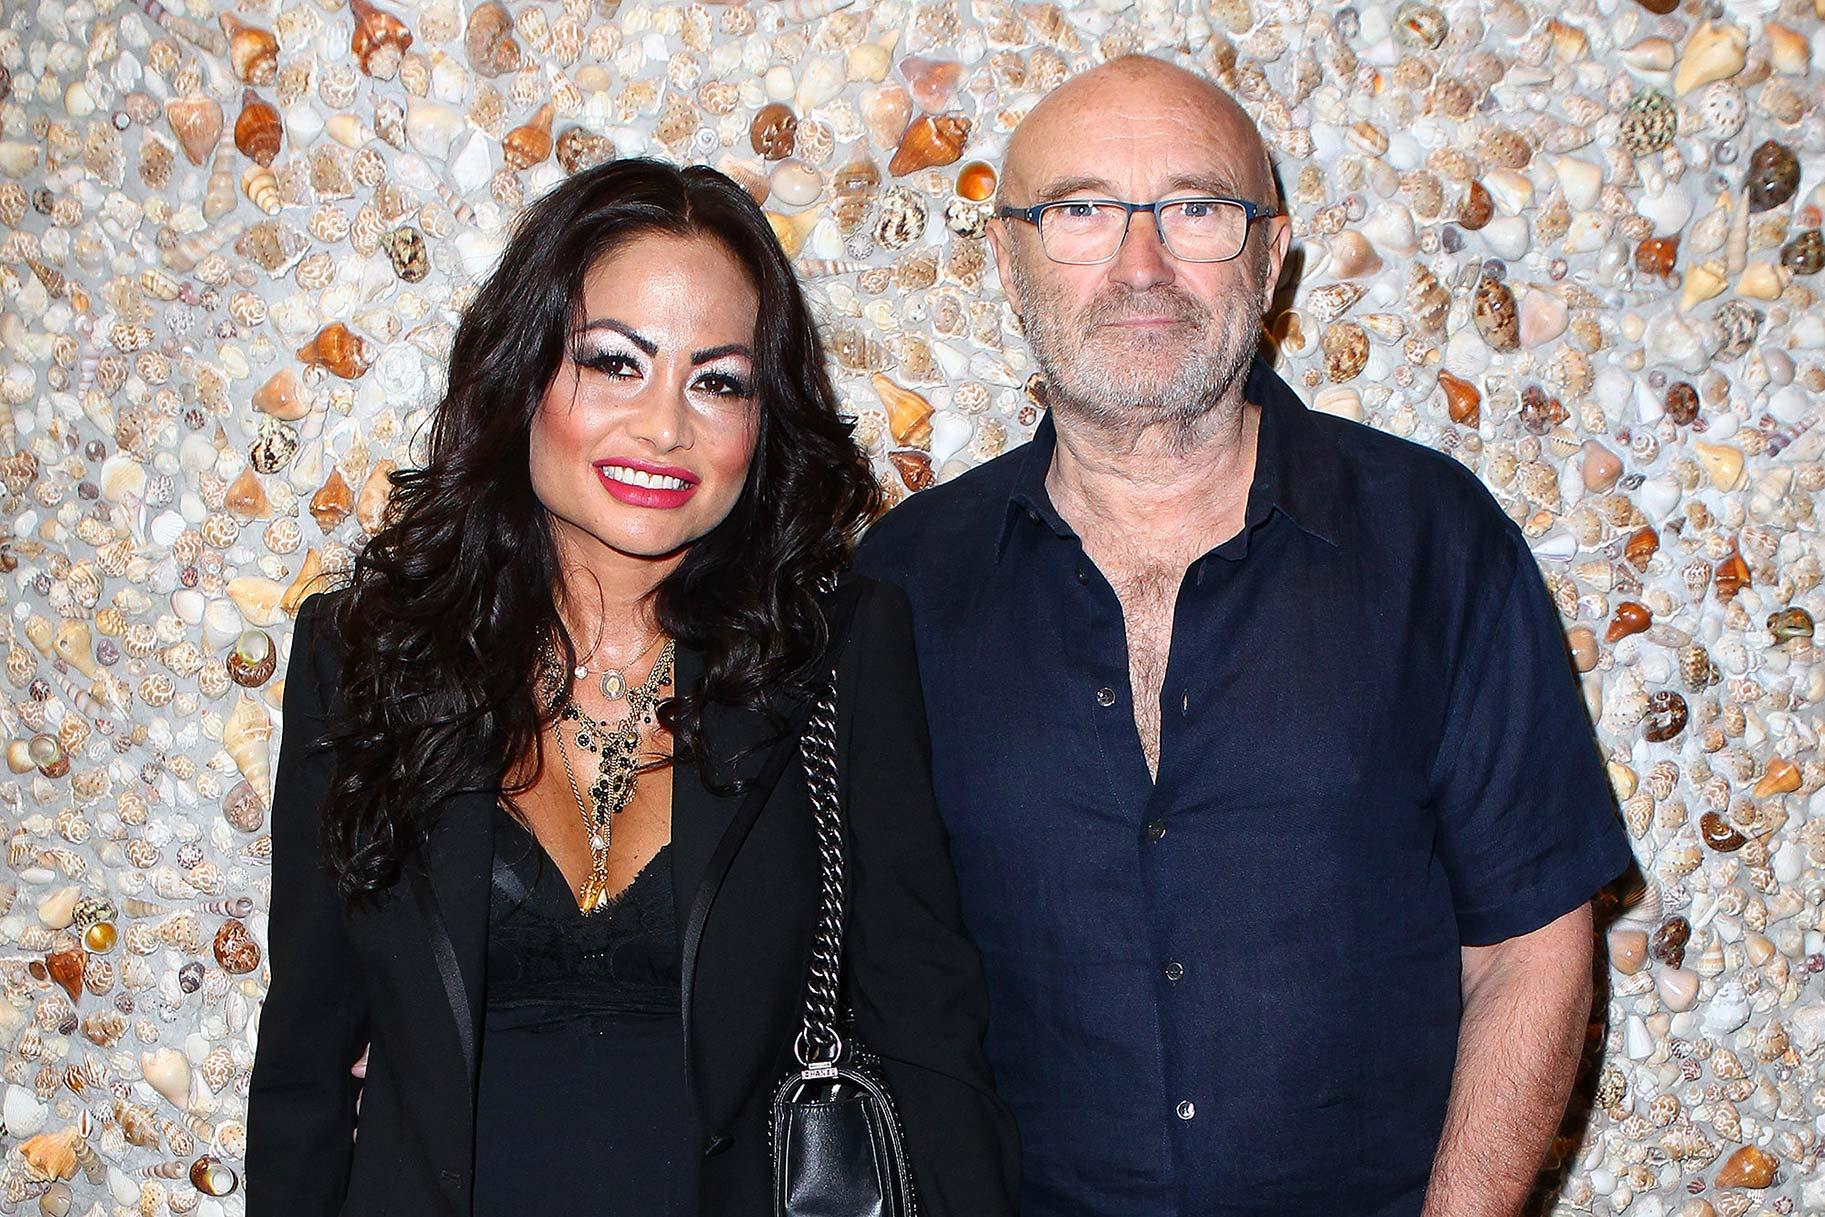 Ο Phil Collins λέει ότι η πρώην σύζυγος και ο νέος σύζυγός της έχουν αναλάβει το αρχοντικό του Μαϊάμι στο «Ένοπλο επάγγελμα»